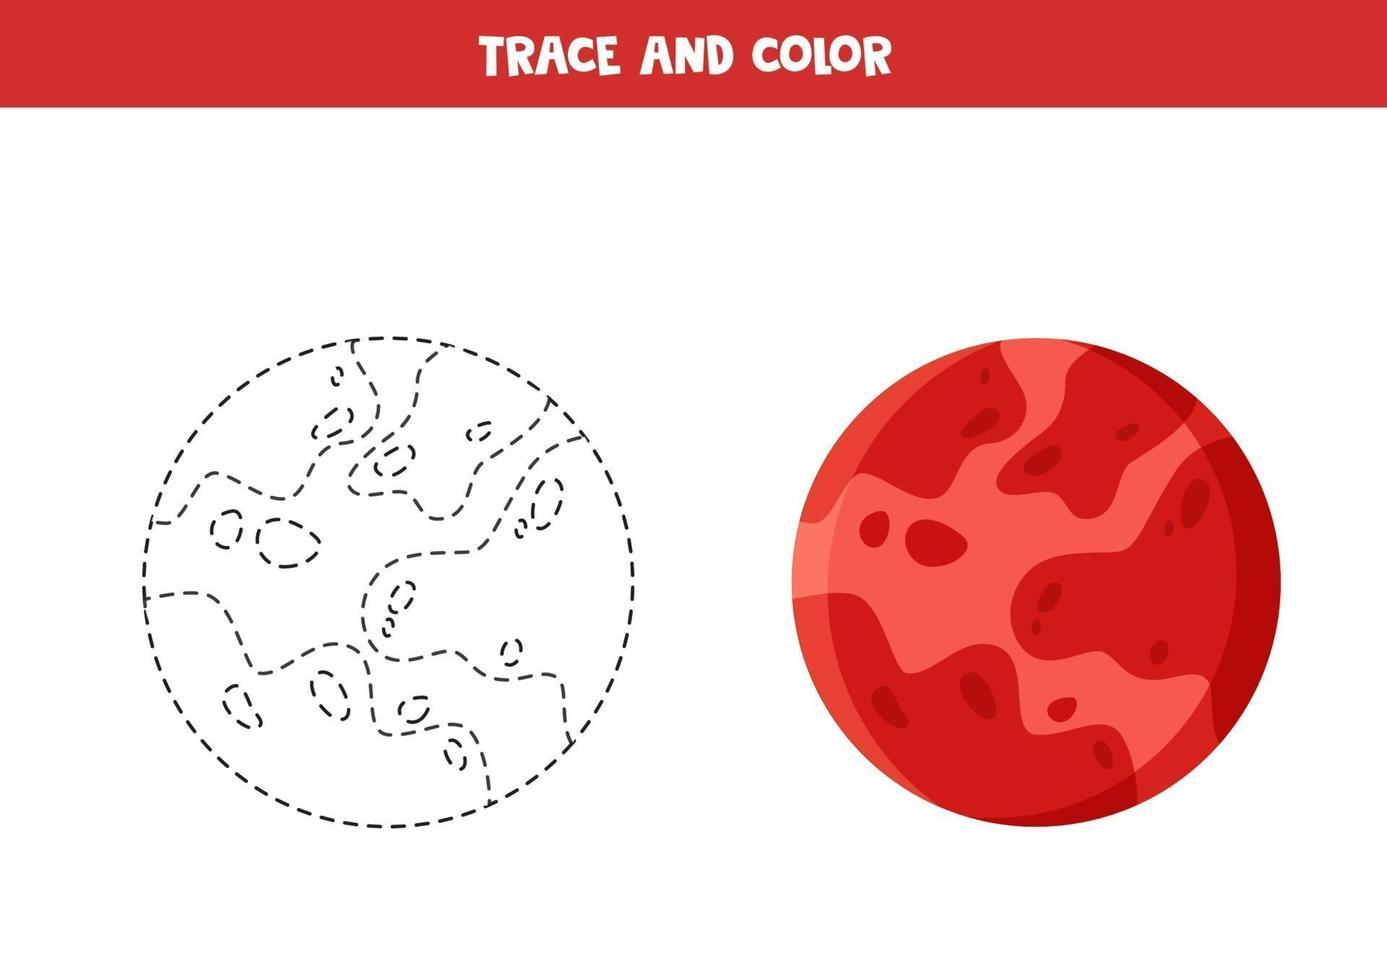 trace et couleur dessin animé planète mars. feuille de calcul drôle pour les enfants. vecteur